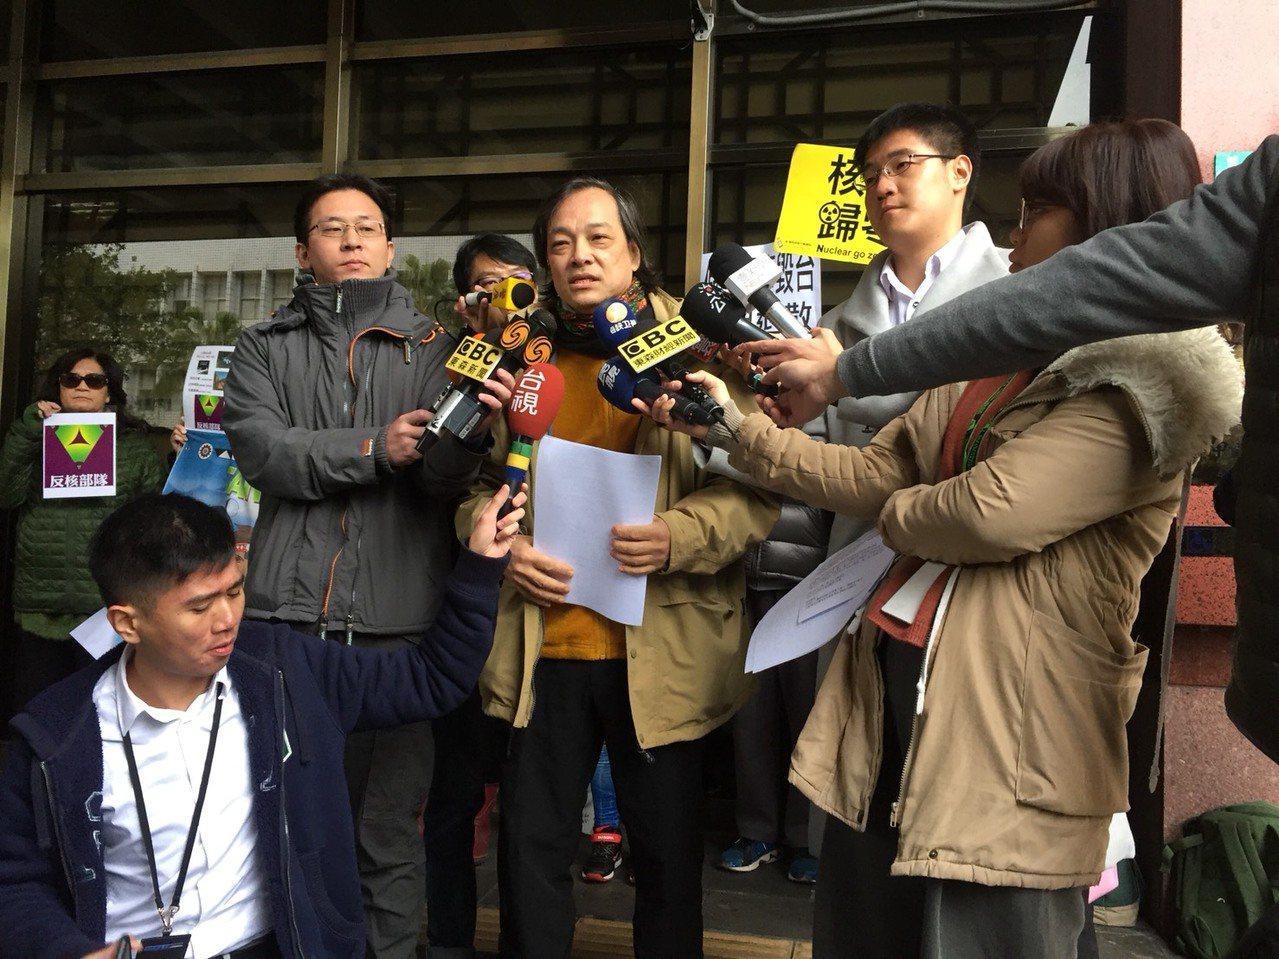 綠色消費者基金會秘書長方儉昨天痛批,台灣不缺電,賴清德卻核定重啟停機兩年的核二廠...